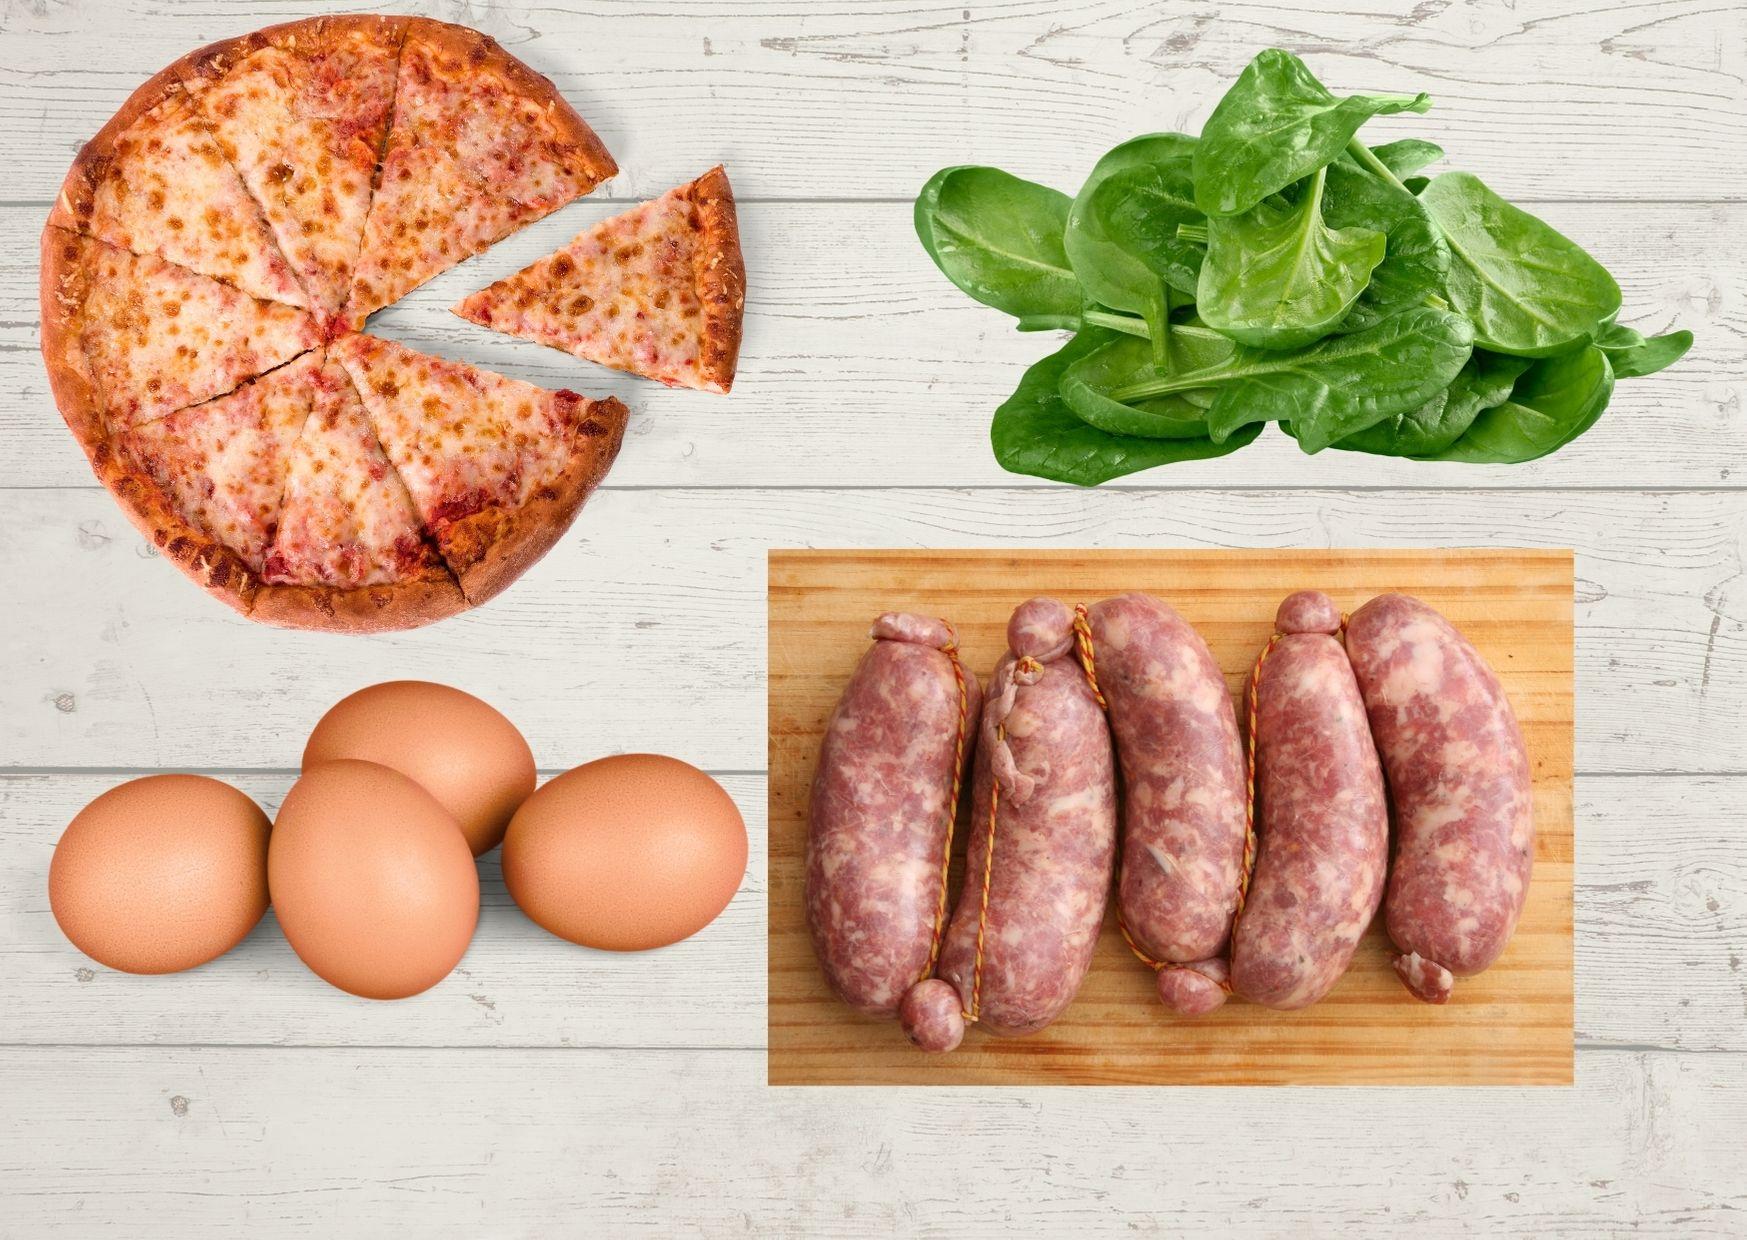 Pizza de espinaca con salsa deliciosa, chorizos y huevos